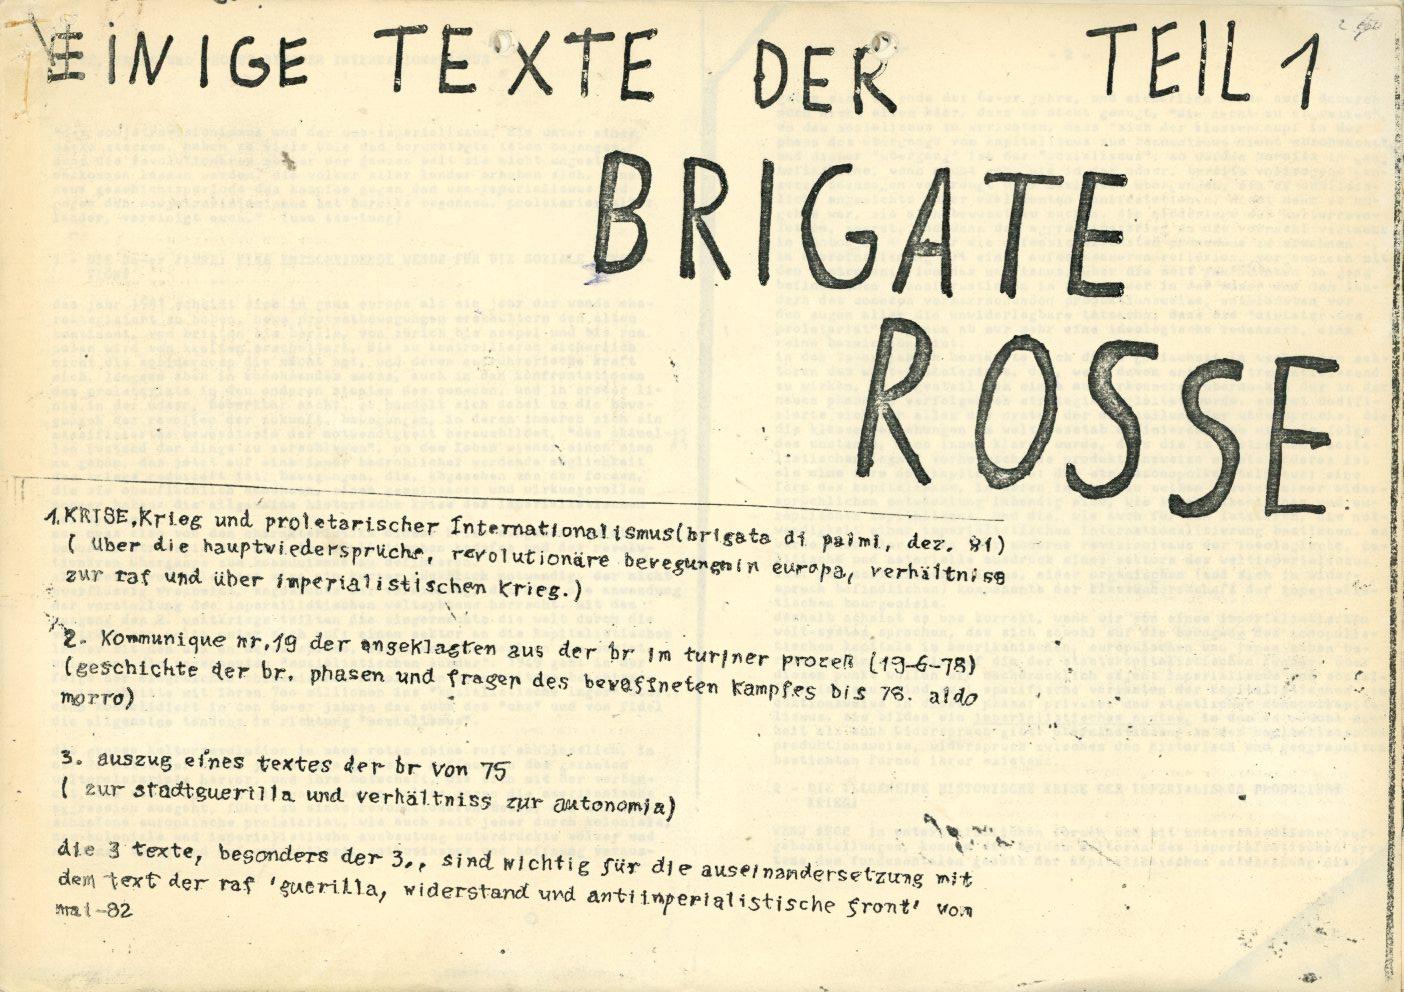 Italien_Brigate_Rosse_1982_Texte_1_01